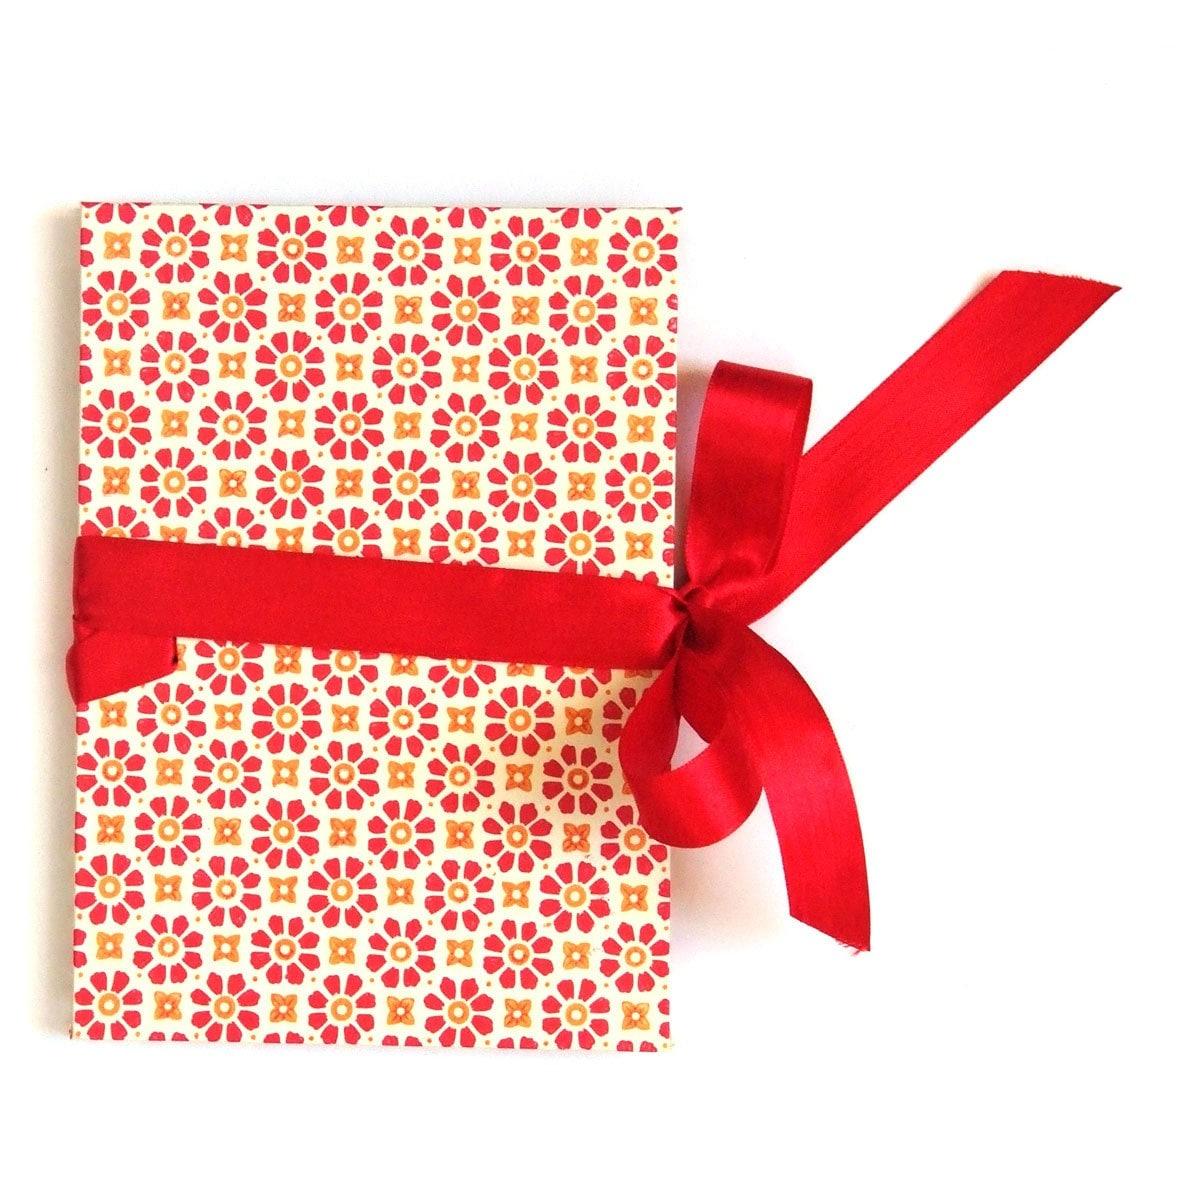 Timbres de fleur d'oranger rouge livre Photo accordéons, livre de petite, vanter, album souvenir, idée cadeau photo, album photo petite, de idée de cadeau pour les grands-parents 0f504f